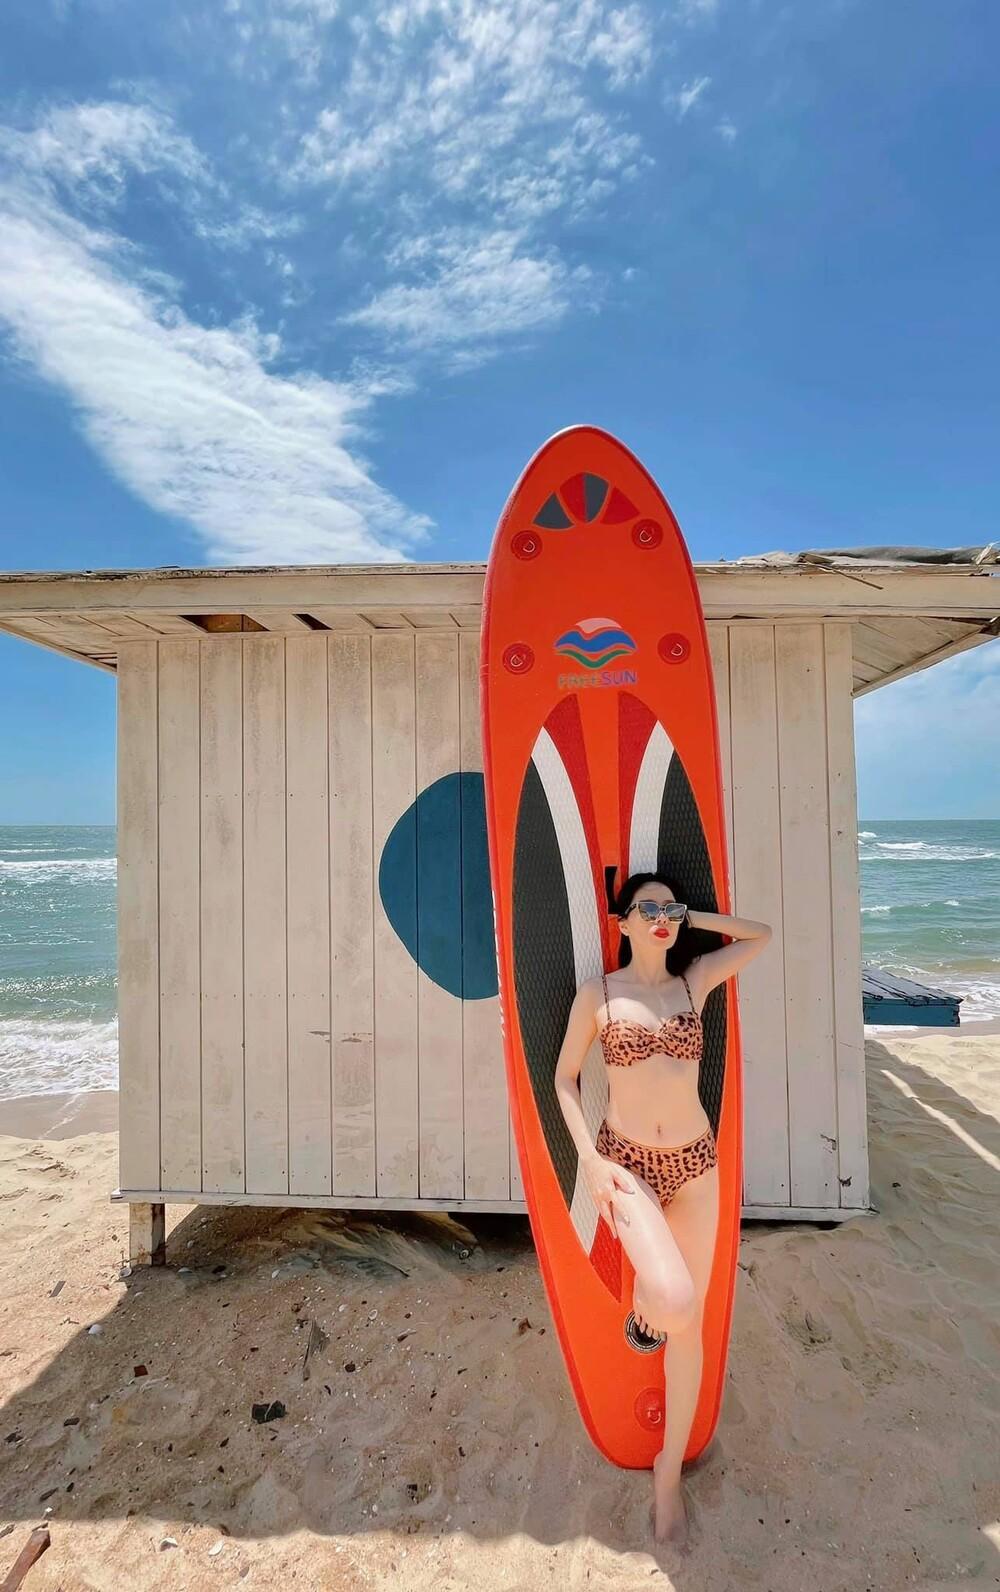 Lệ Quyên mặc bikini khoe body 'siêu thực' thách thức camera thường Ảnh 6